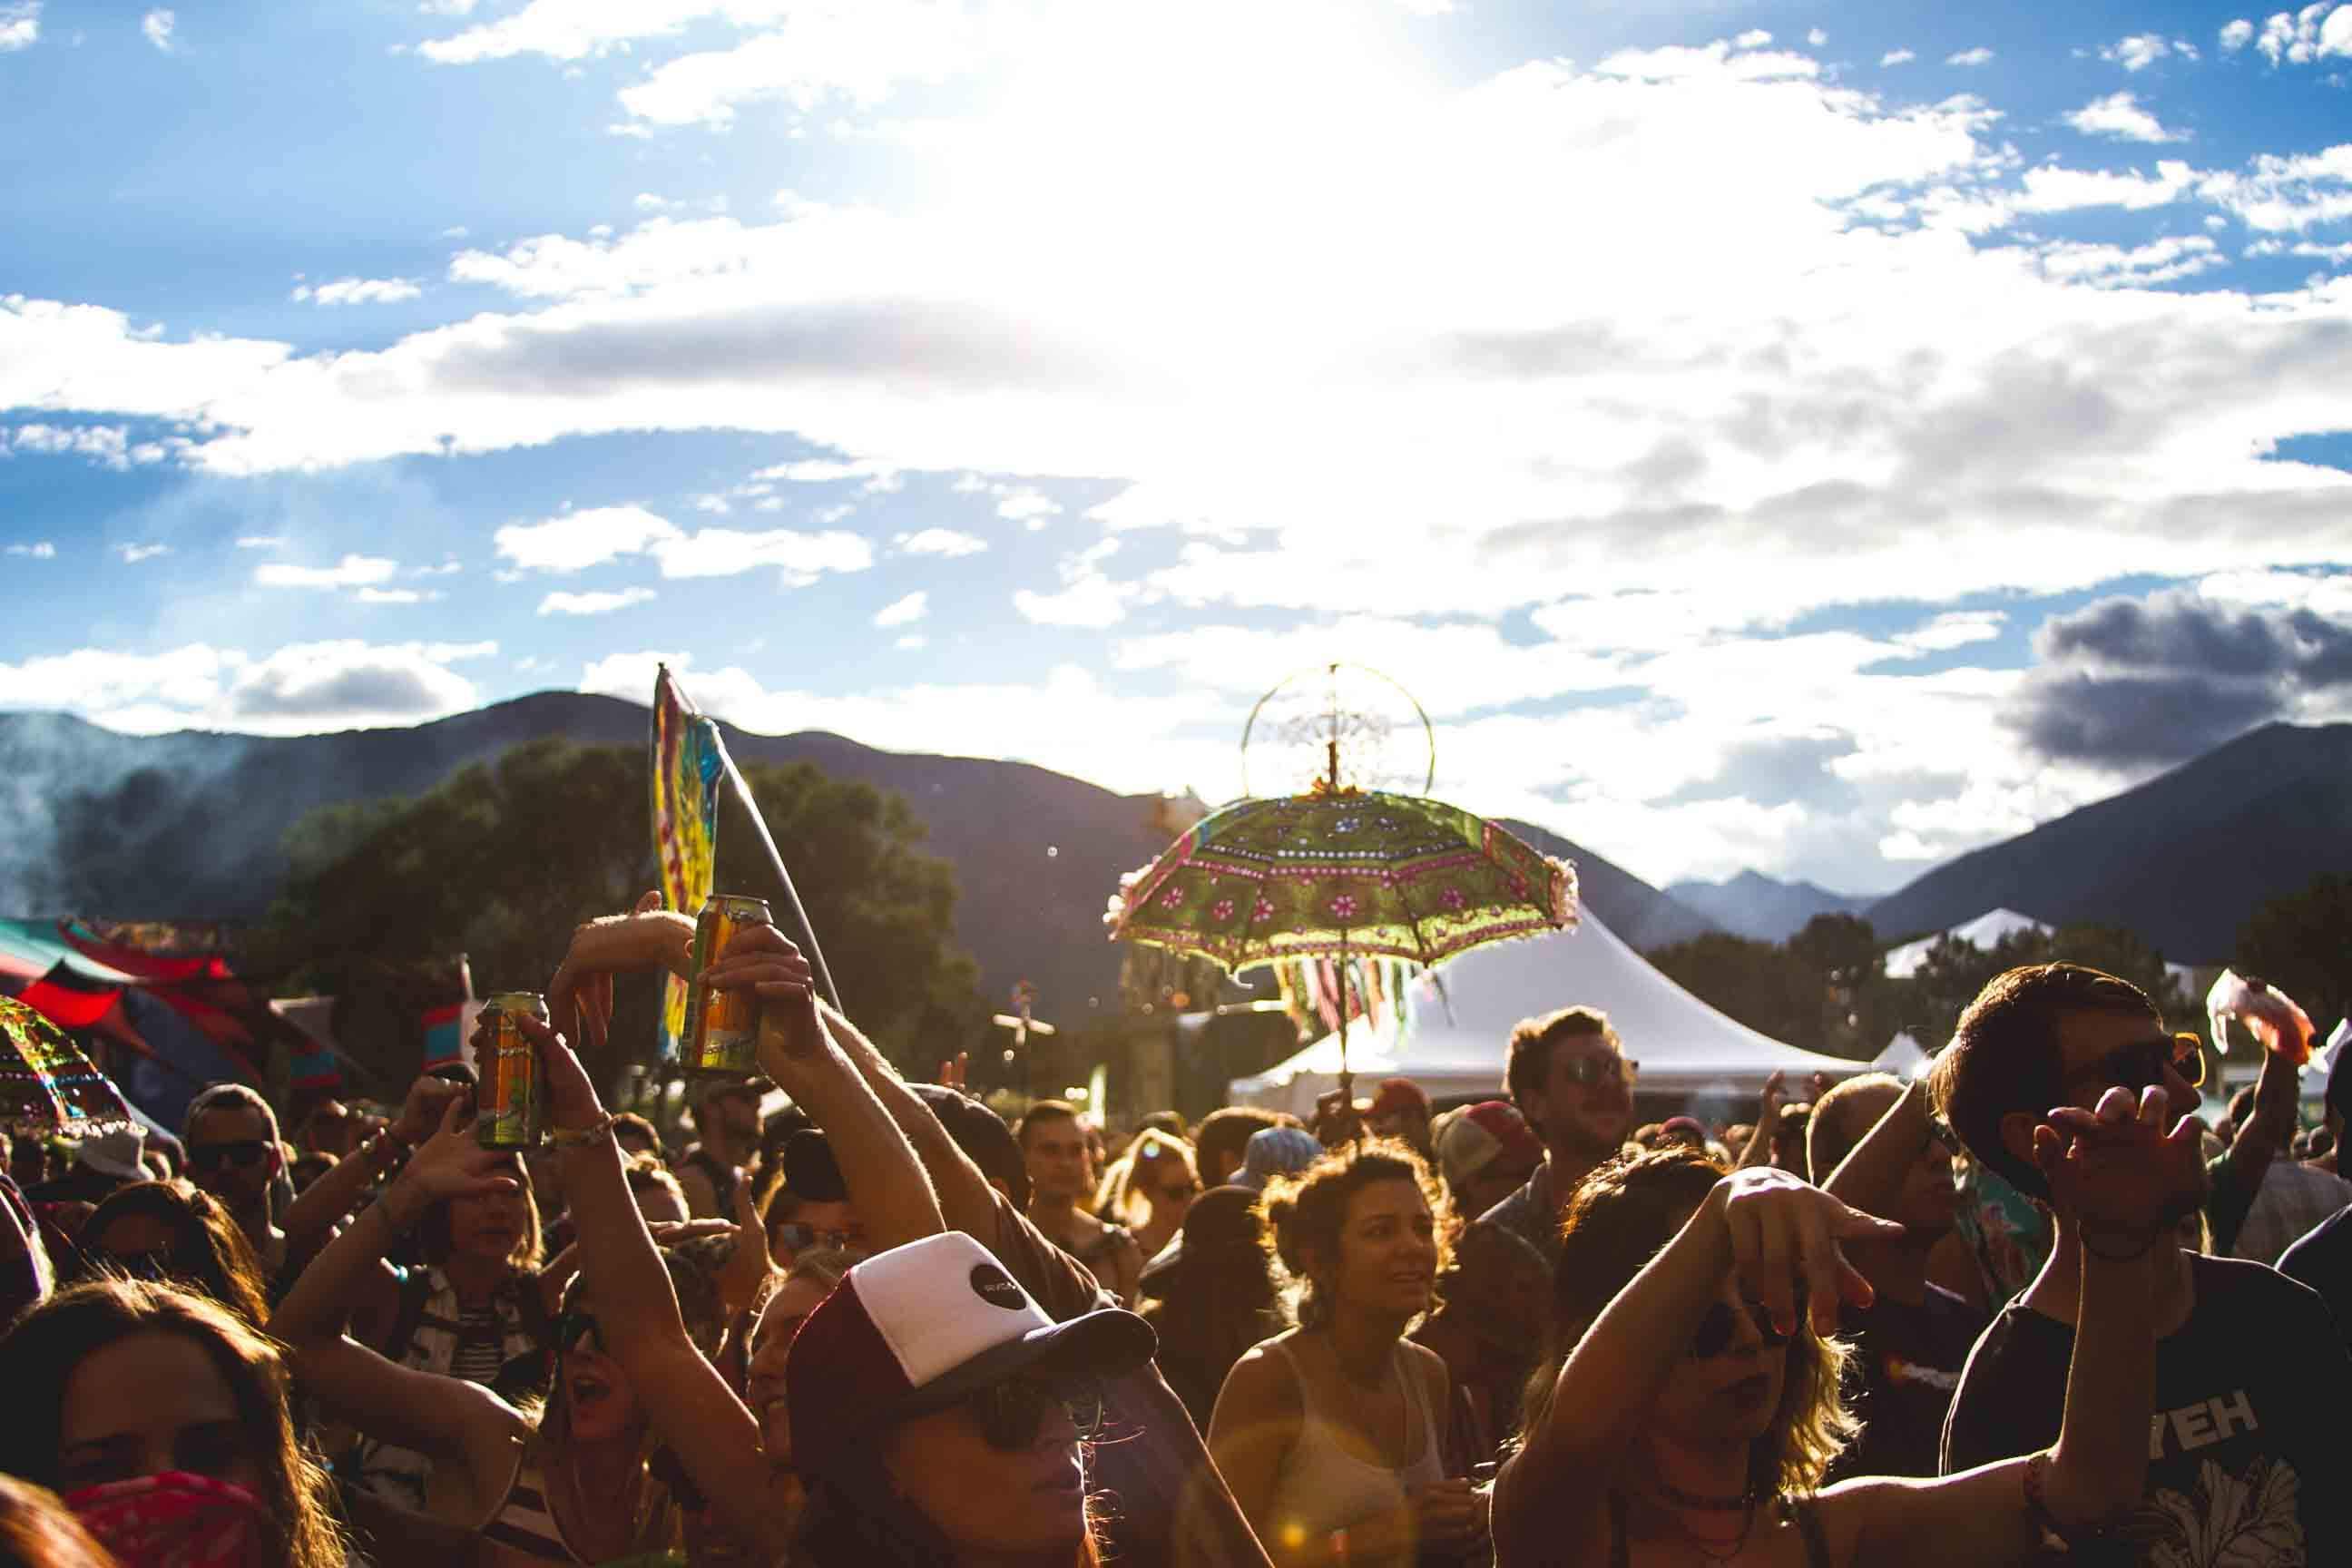 buena vista festivals